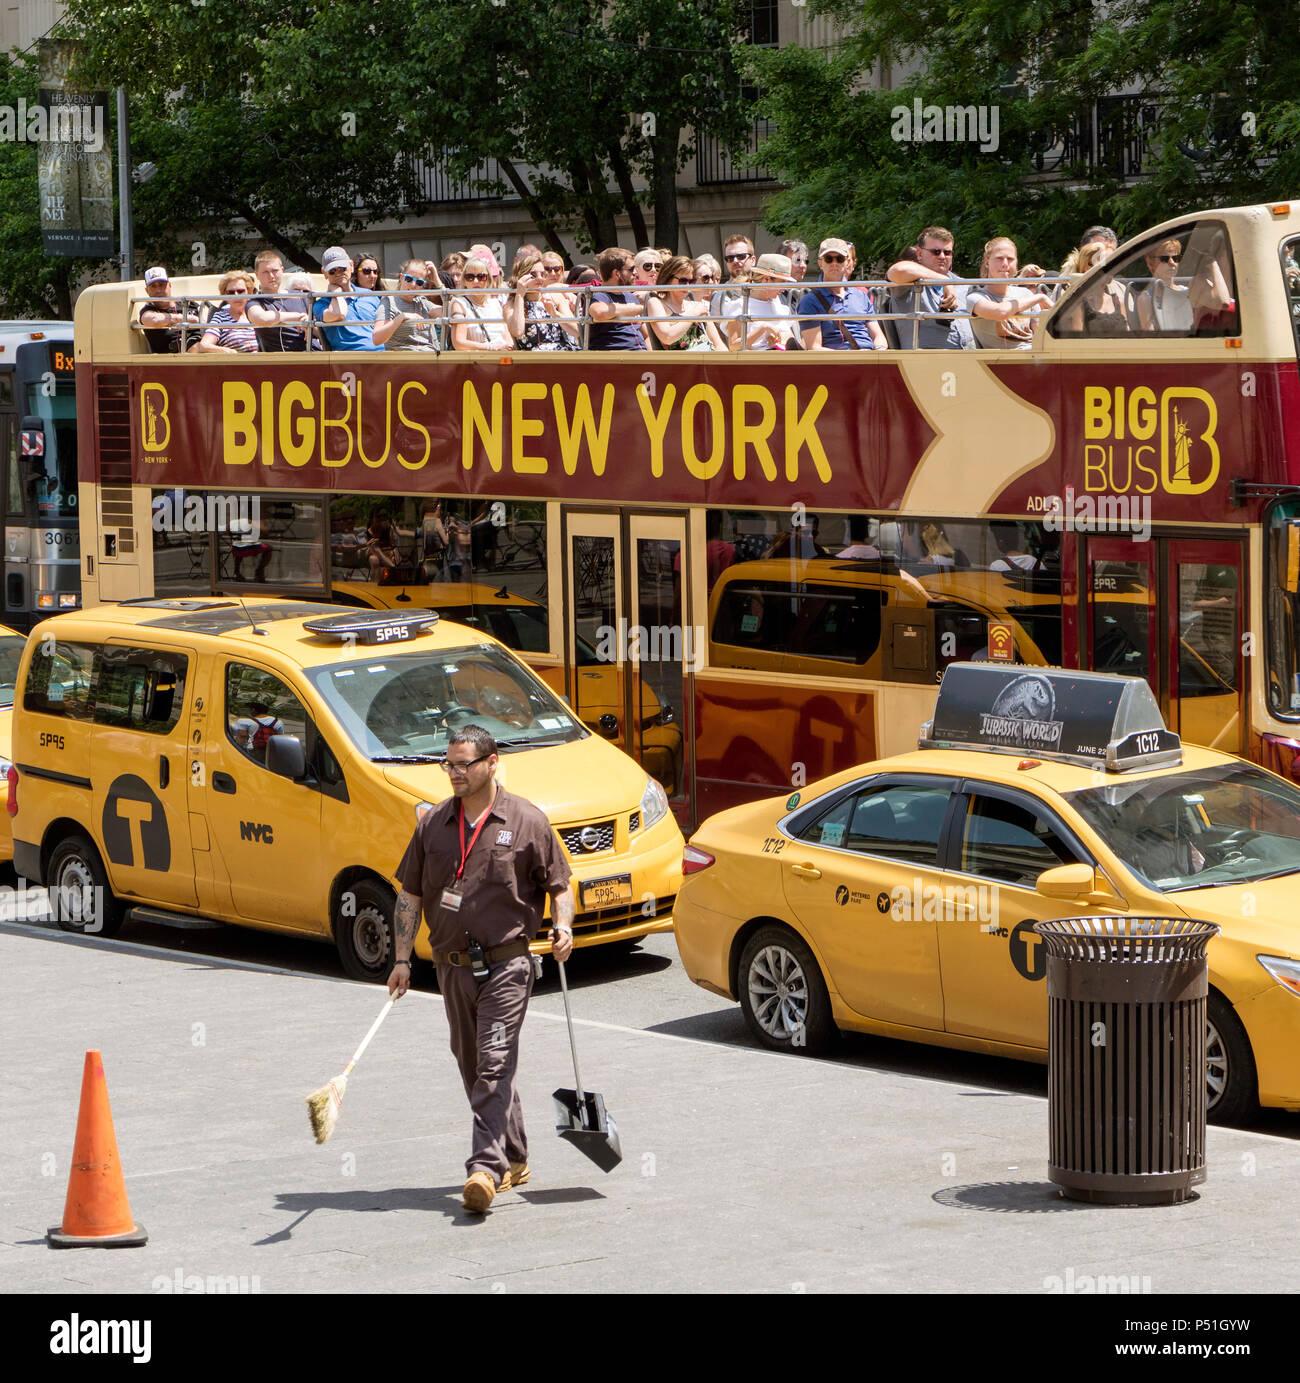 New York USA. De l'homme en uniforme s'est entretenu avec pelle et brosse de nettoyage des trottoirs en dehors de ce célèbre musée vu la charge du bus de touristes. Photo Stock